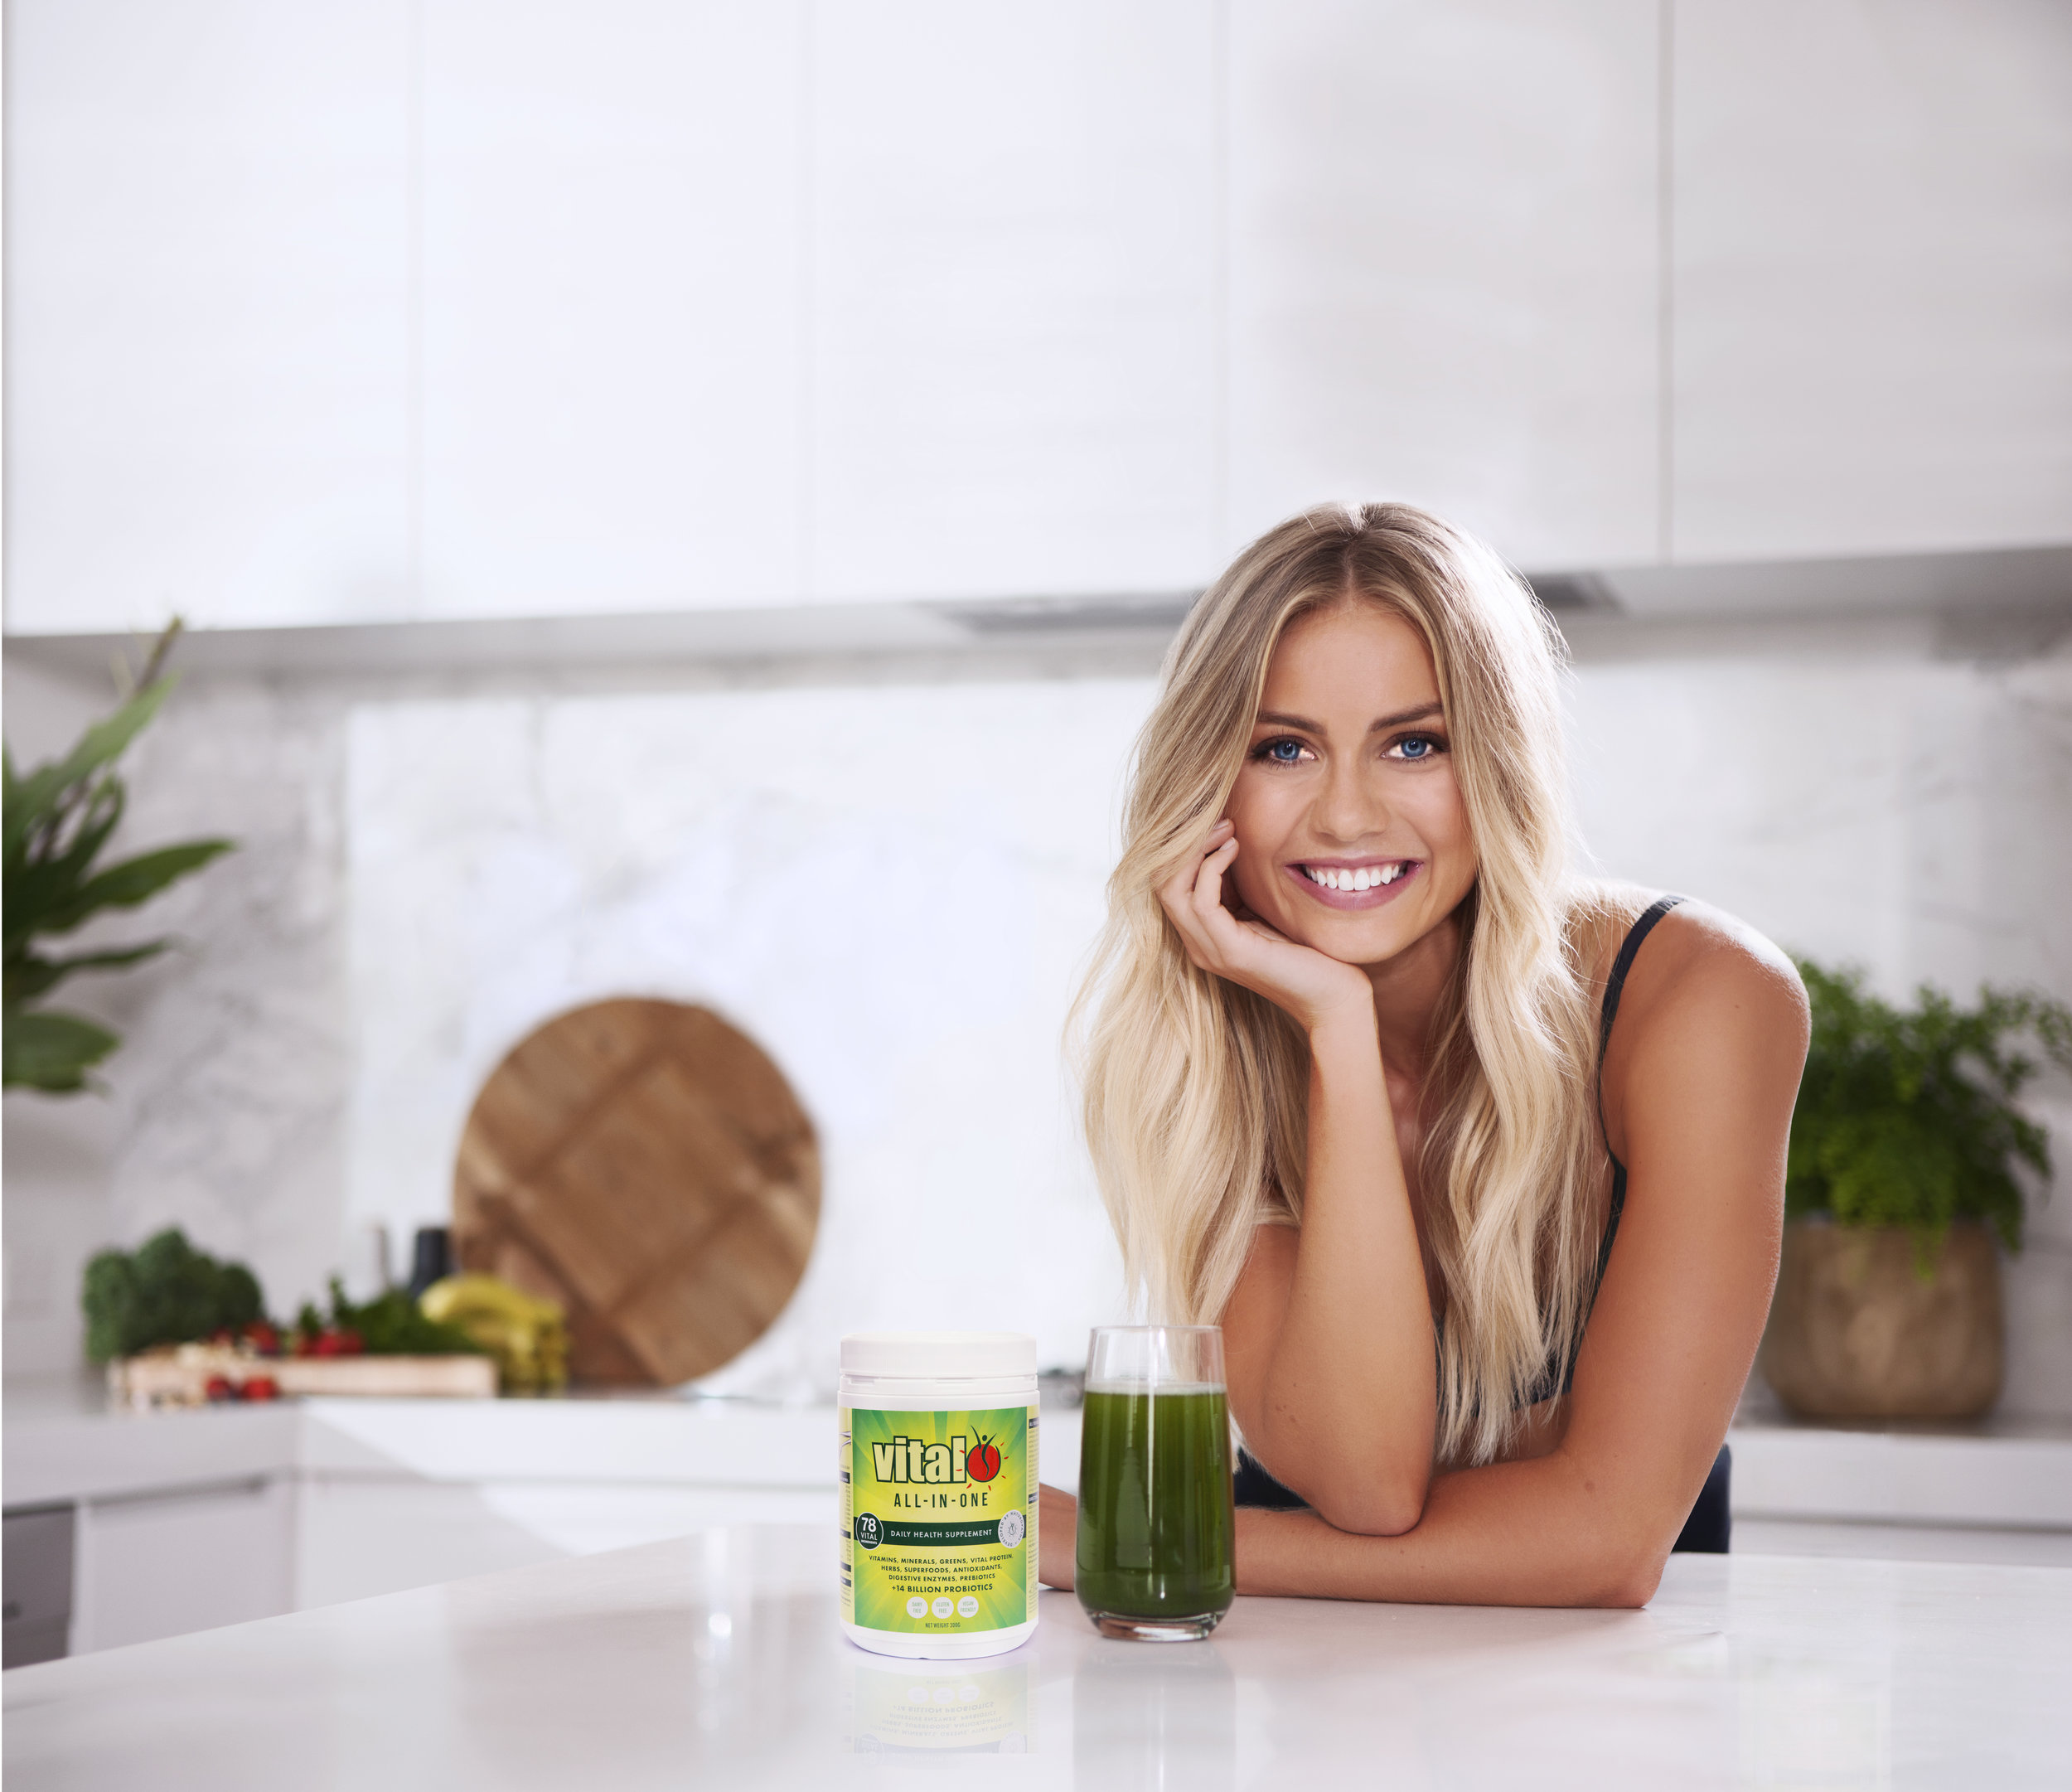 Elyse Knowles Vital Greens